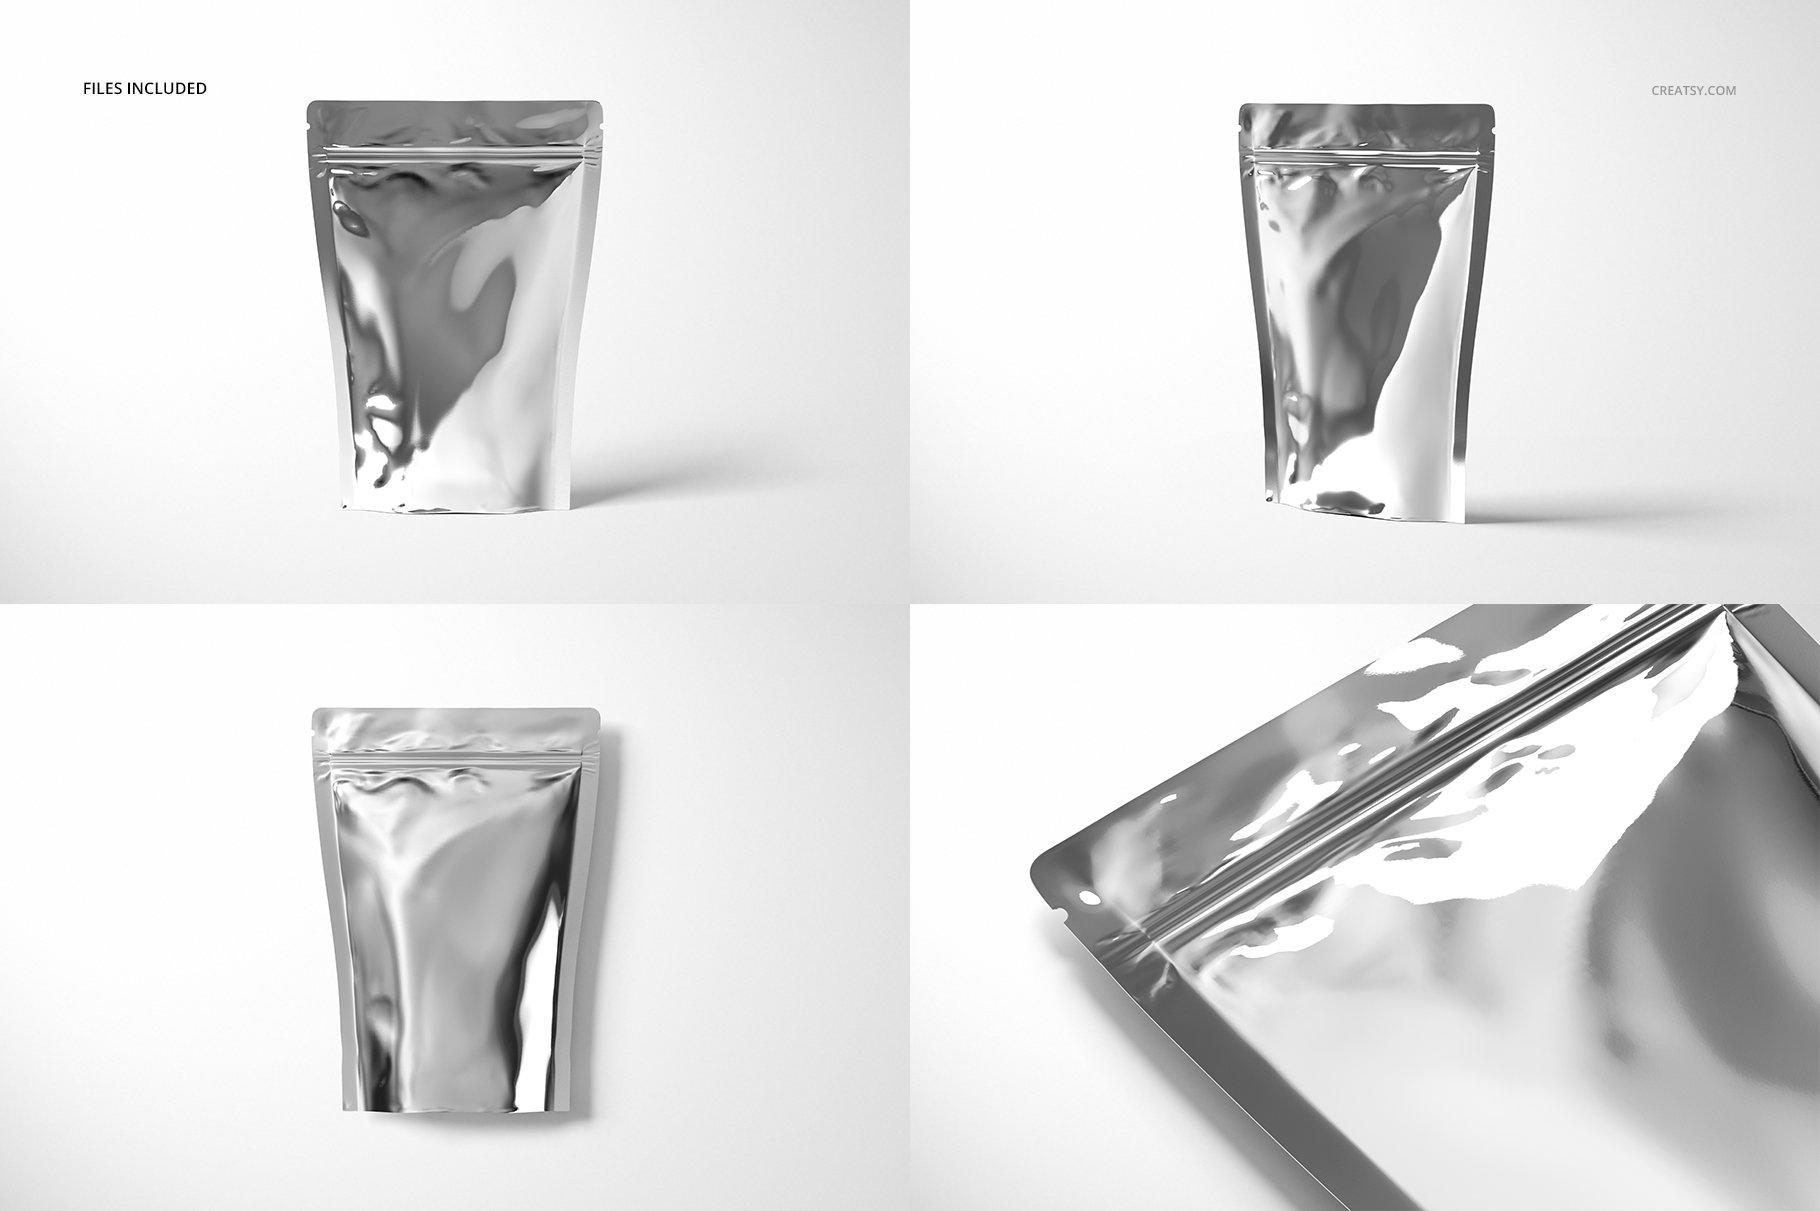 时尚立式拉链锁自封袋塑料袋铝箔袋设计展示样机合集 Stand Up Pouch (metallic) Mockup Set插图(3)